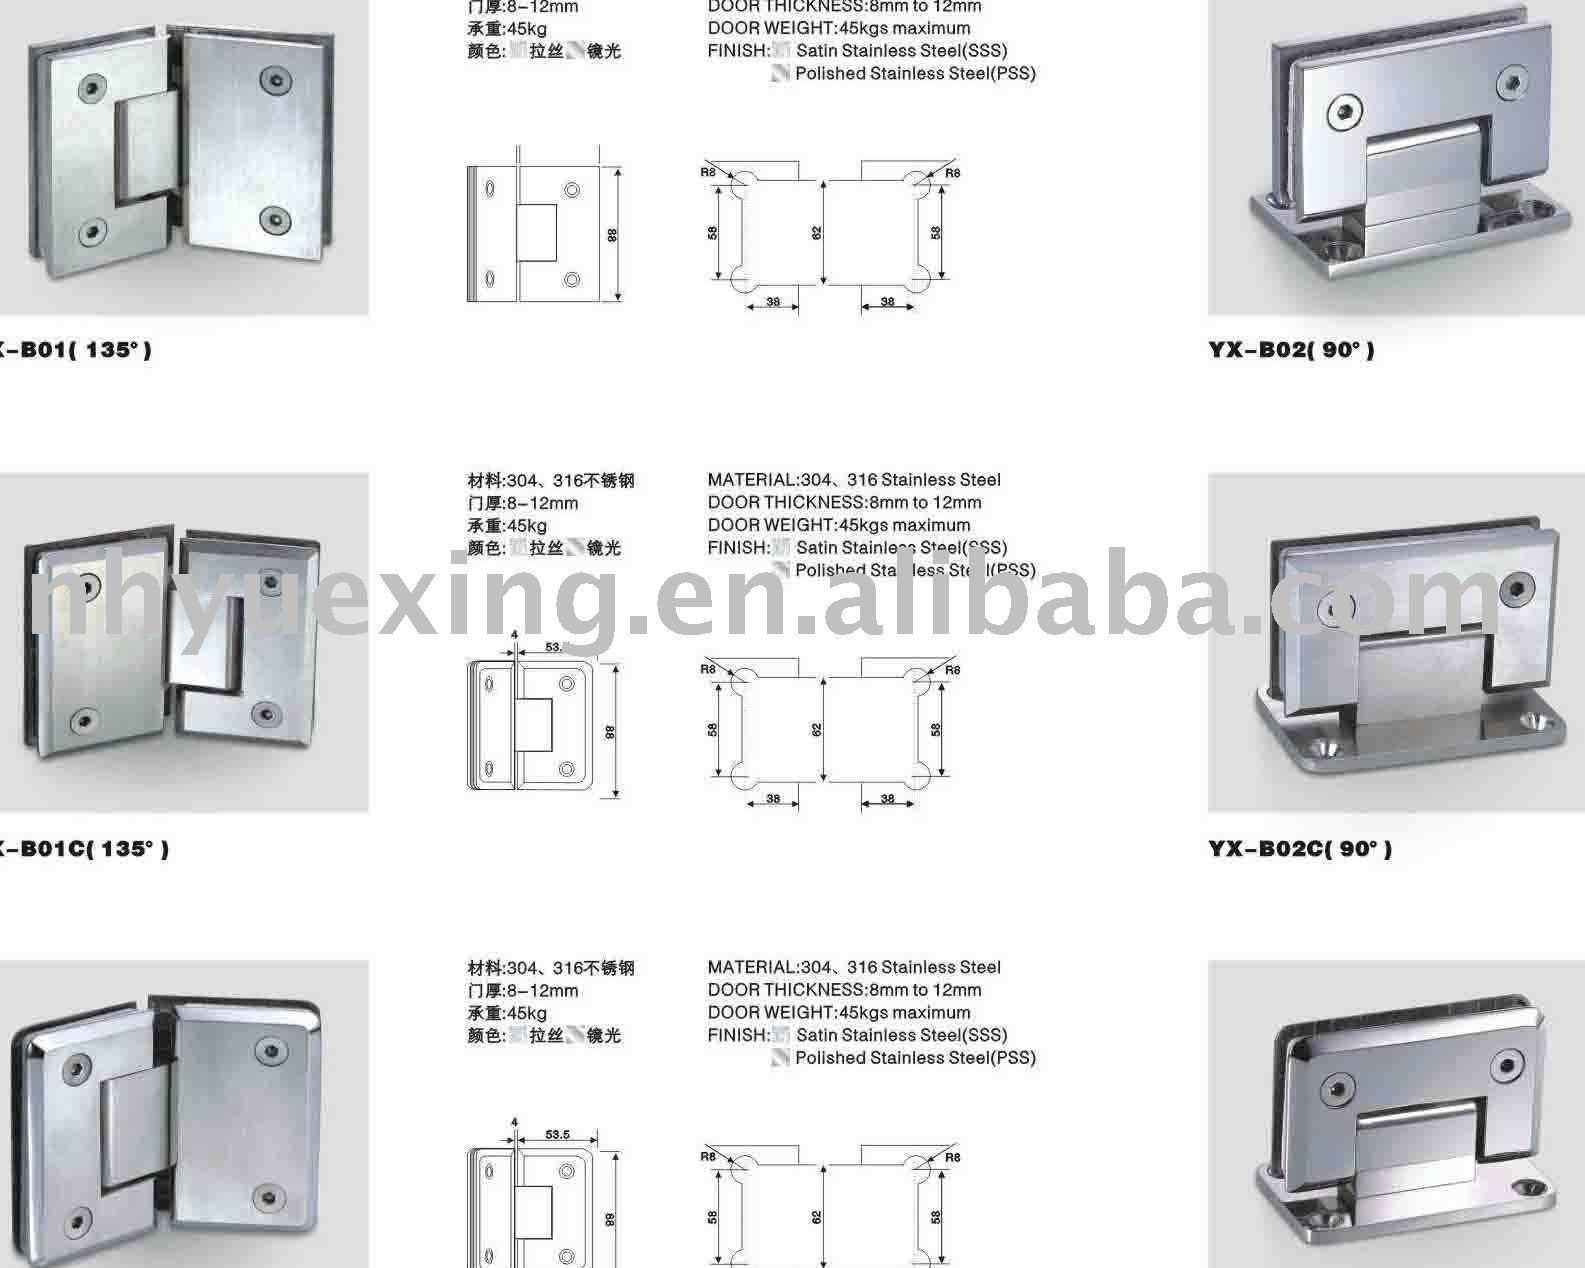 Blum glass door hinges - Stainless Steel Glass Door Hinges Buy Glass Door Hingeglass Stainless Steel Glass Door Hinges Buy Glass